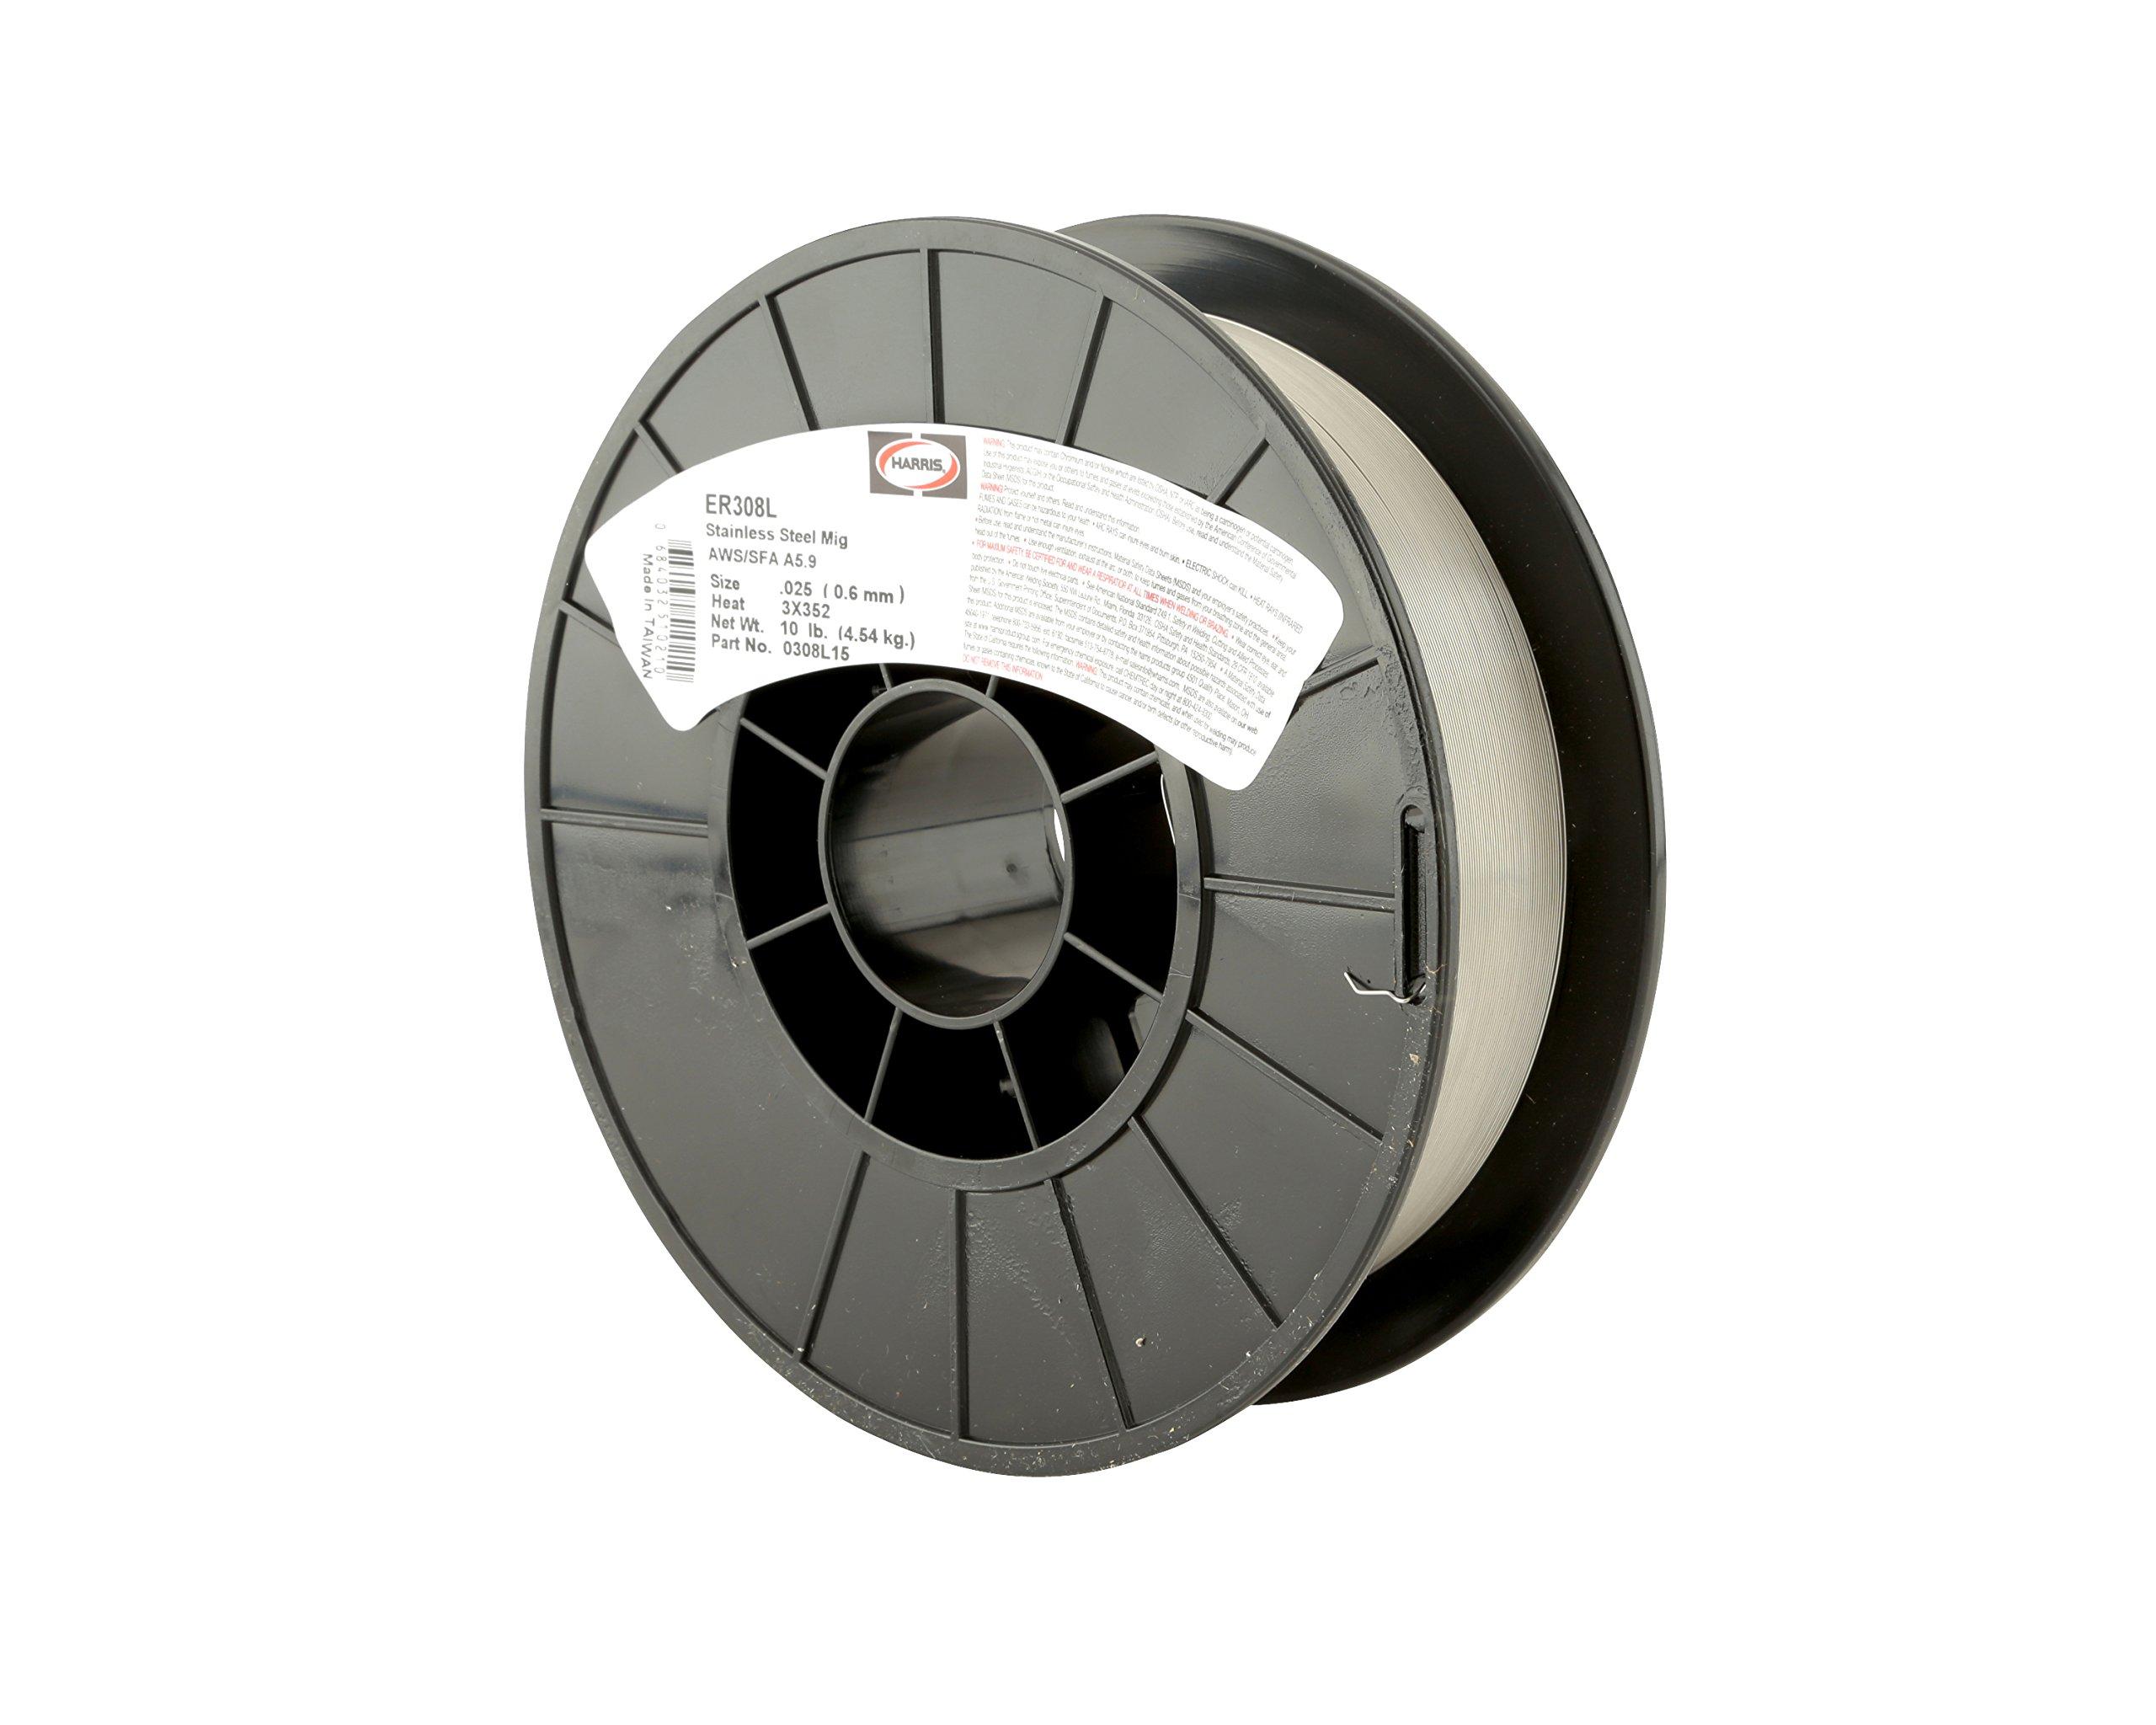 Harris 0308L12 308L Welding Wire, Stainless Steel Spool, 0.025'' x 2 lb.